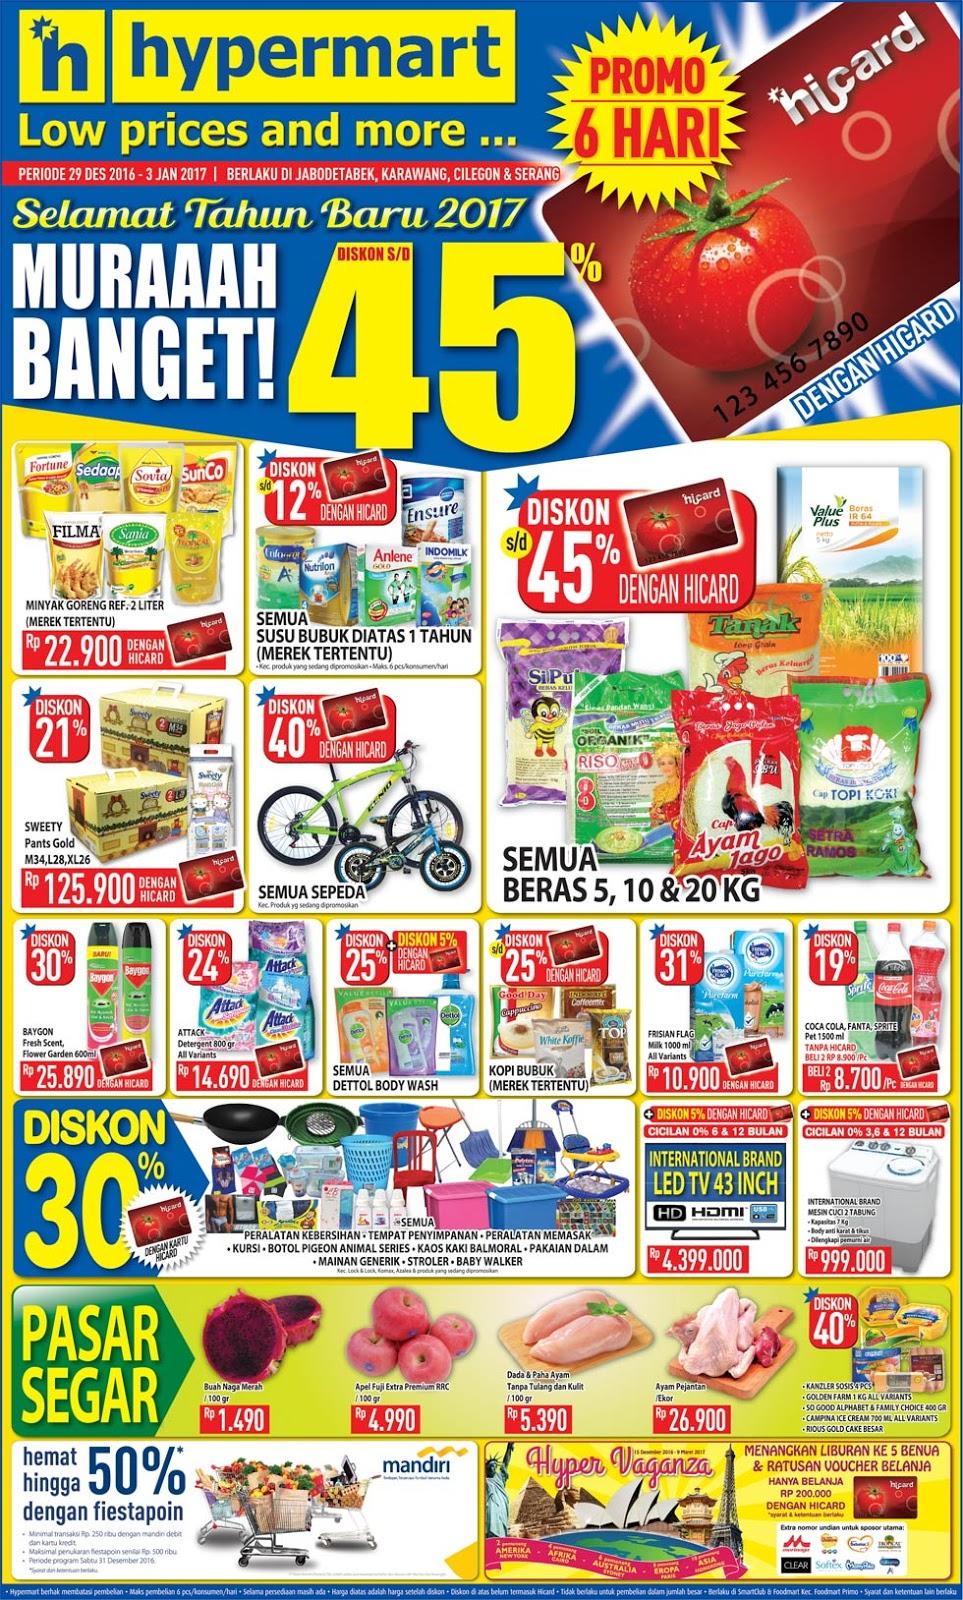 Katalog Promo Hypermart Terbaru Akhir Tahun 29 Desember 2016 3 Voucher Belanja Sekian Atas Info Yang Bisa Aku Berikanlah Mudah Mudahan Karenanya Ada Ini Menolong Kalian Ketika